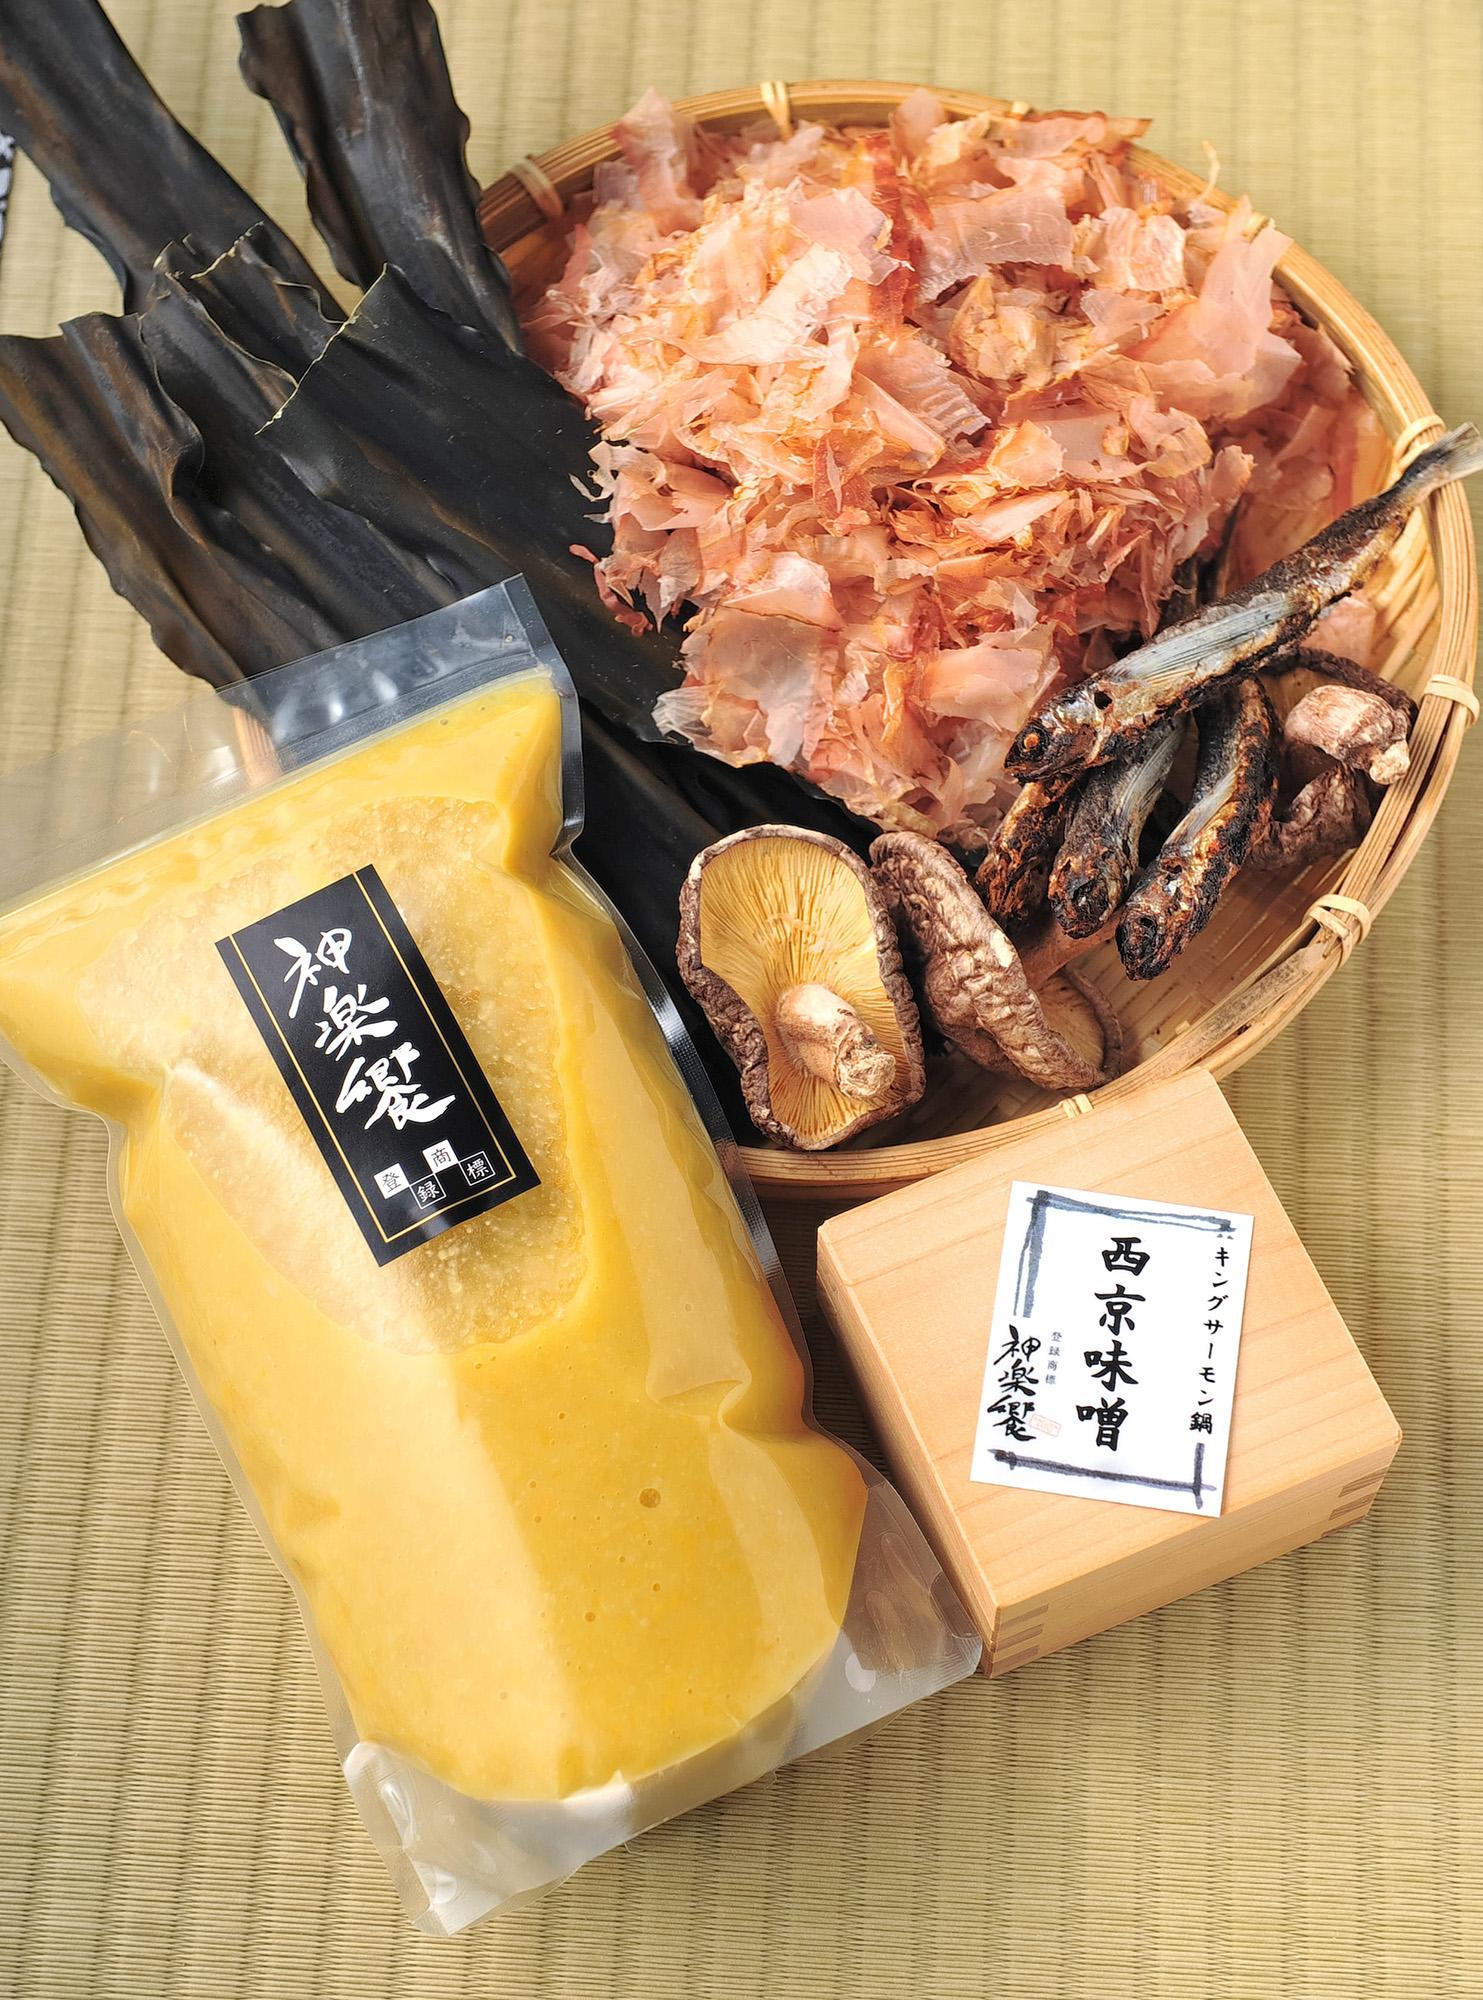 神楽饗の西京味噌